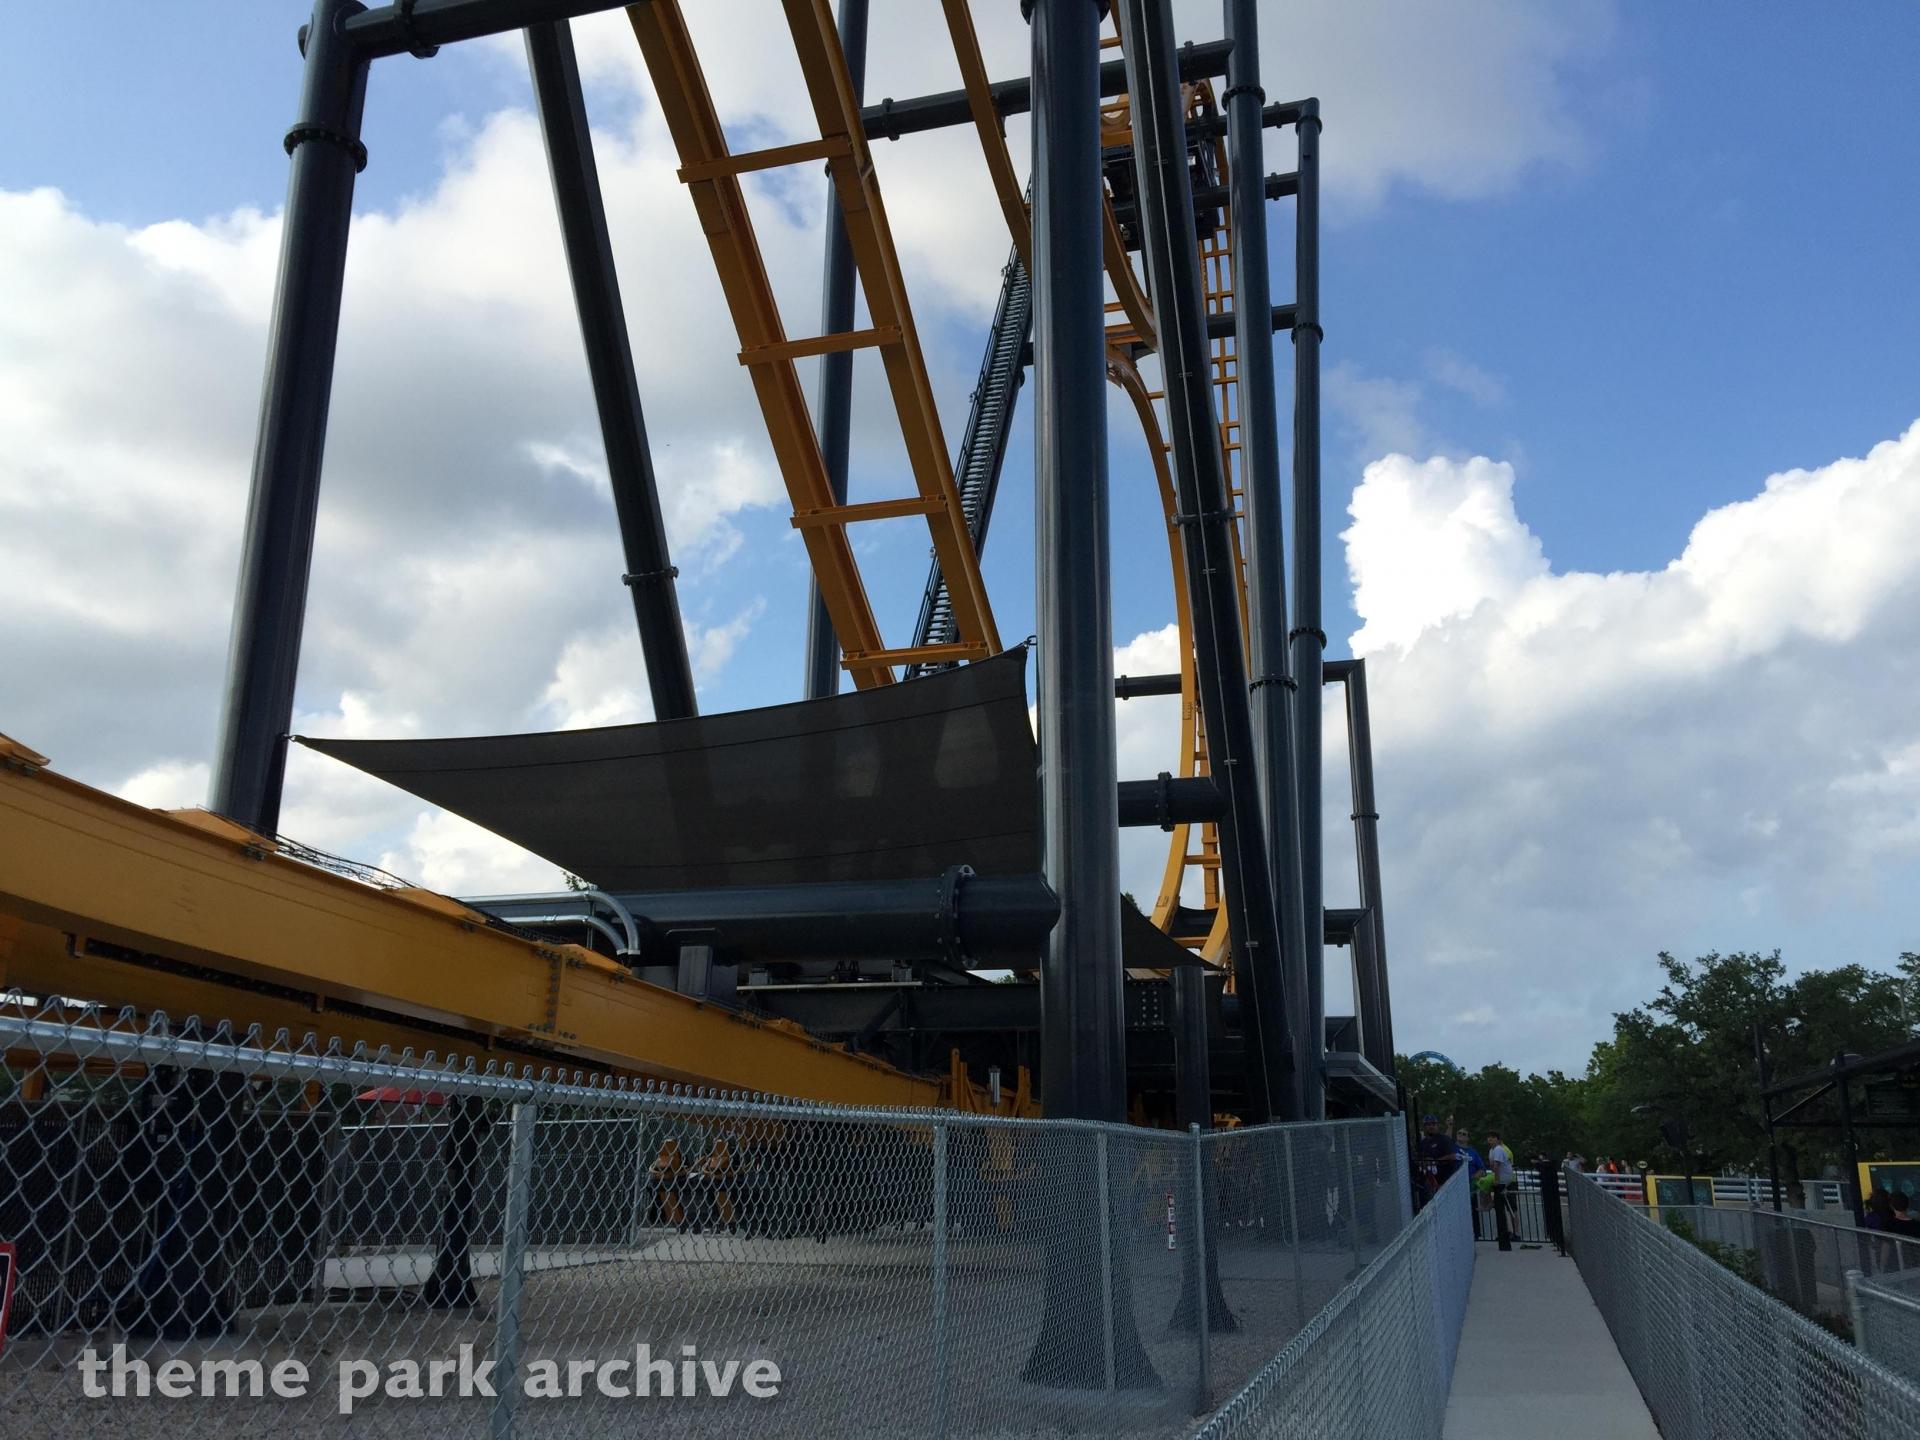 Batman: The Ride at Six Flags Fiesta Texas